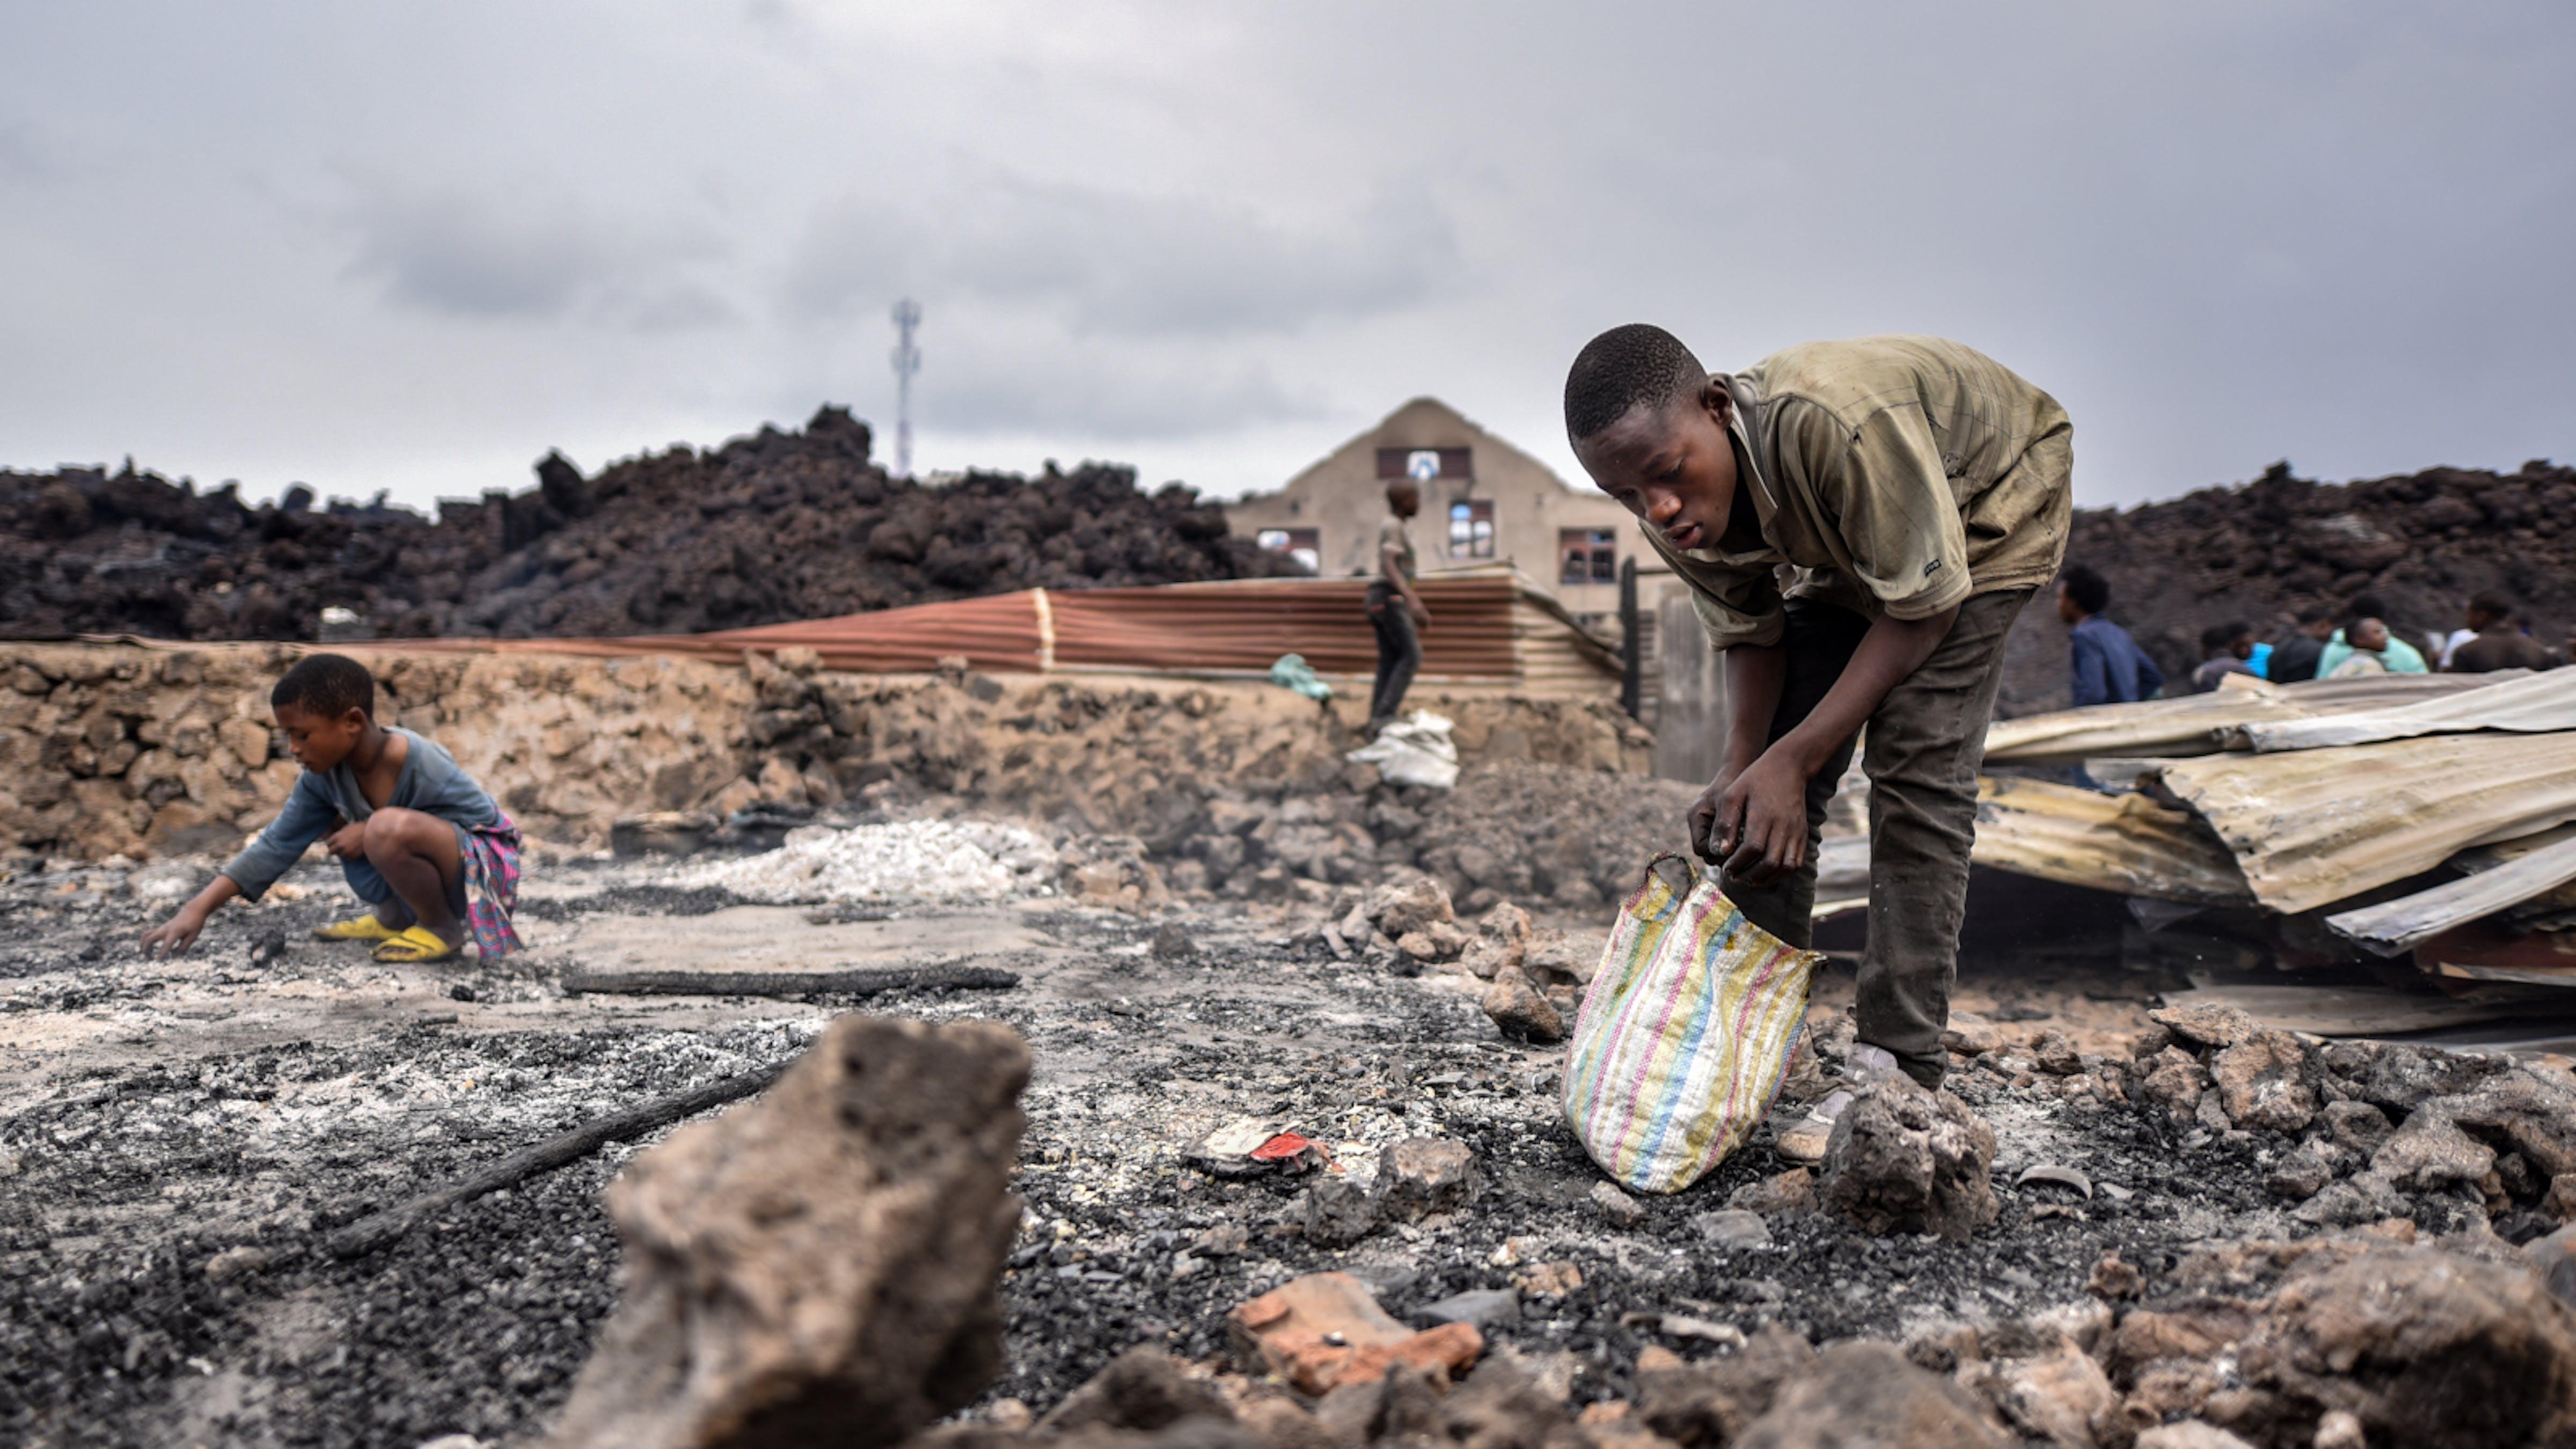 Alcuni bambini raccolgono ciò che resta delle loro cose dopo l'eruzione del vulcano Nyiragongo a Goma